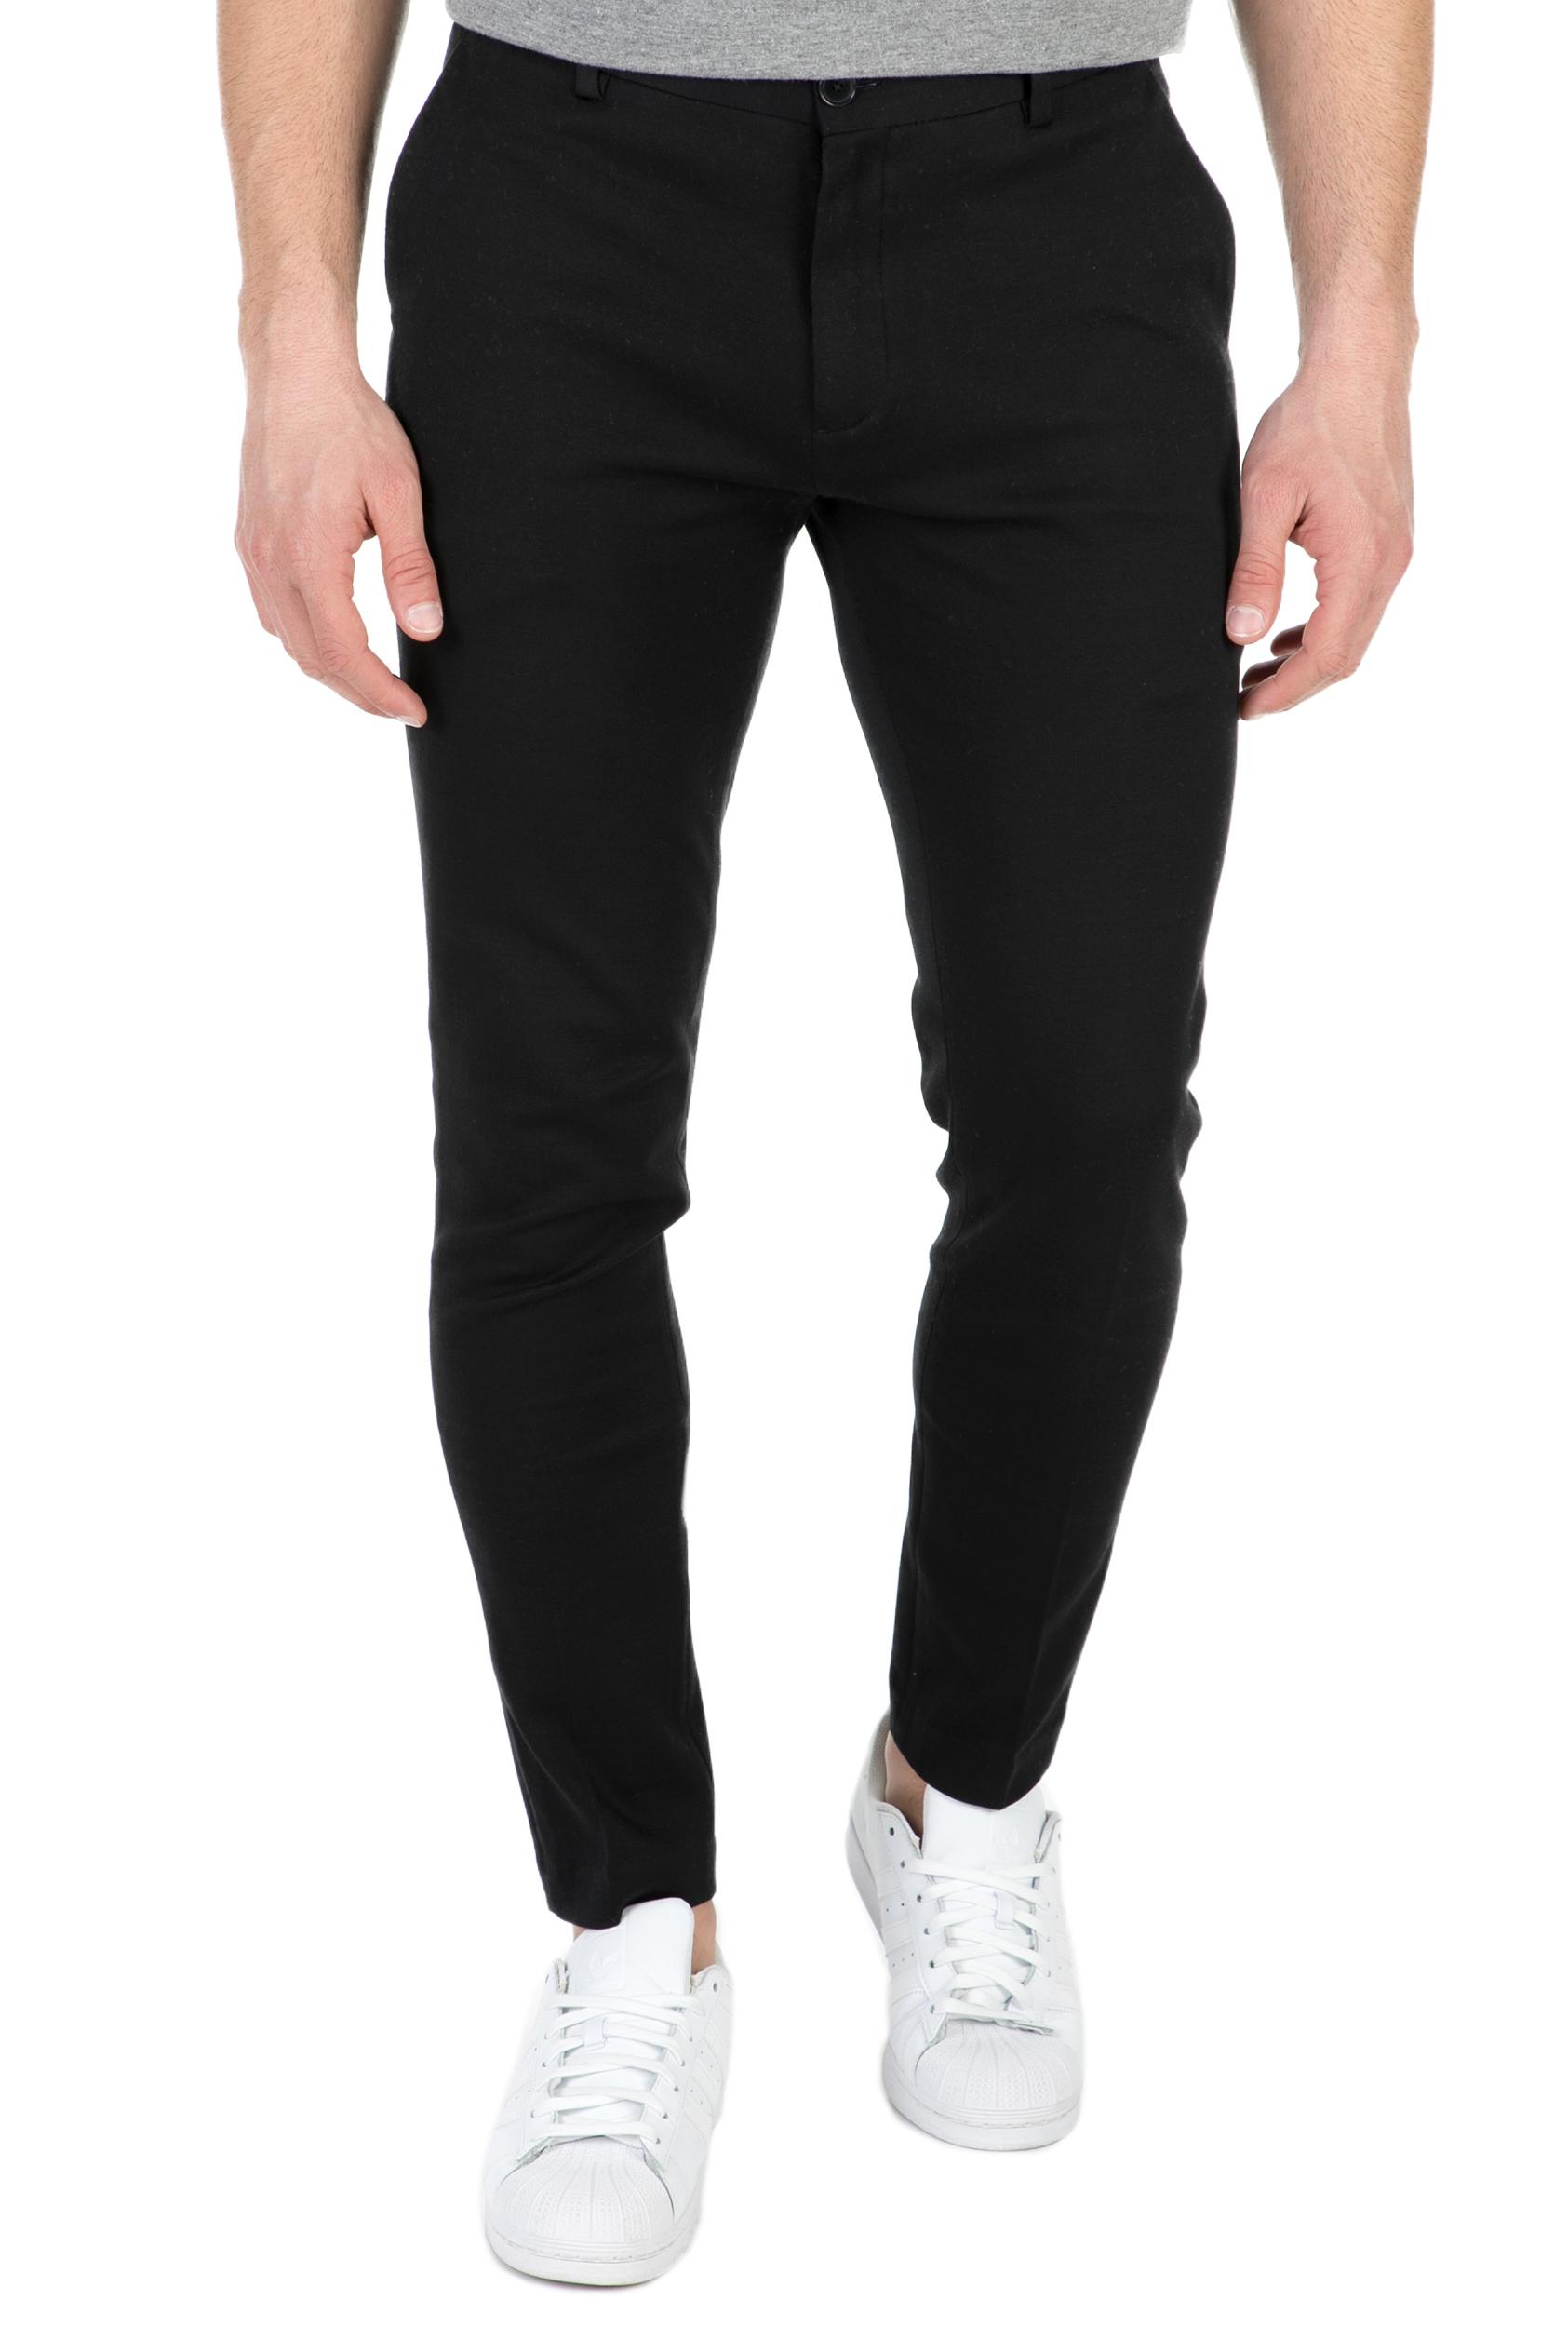 SCOTCH & SODA - Ανδρικό παντελόνι Mott SCOTCH & SODA μαύρο ανδρικά ρούχα παντελόνια chinos